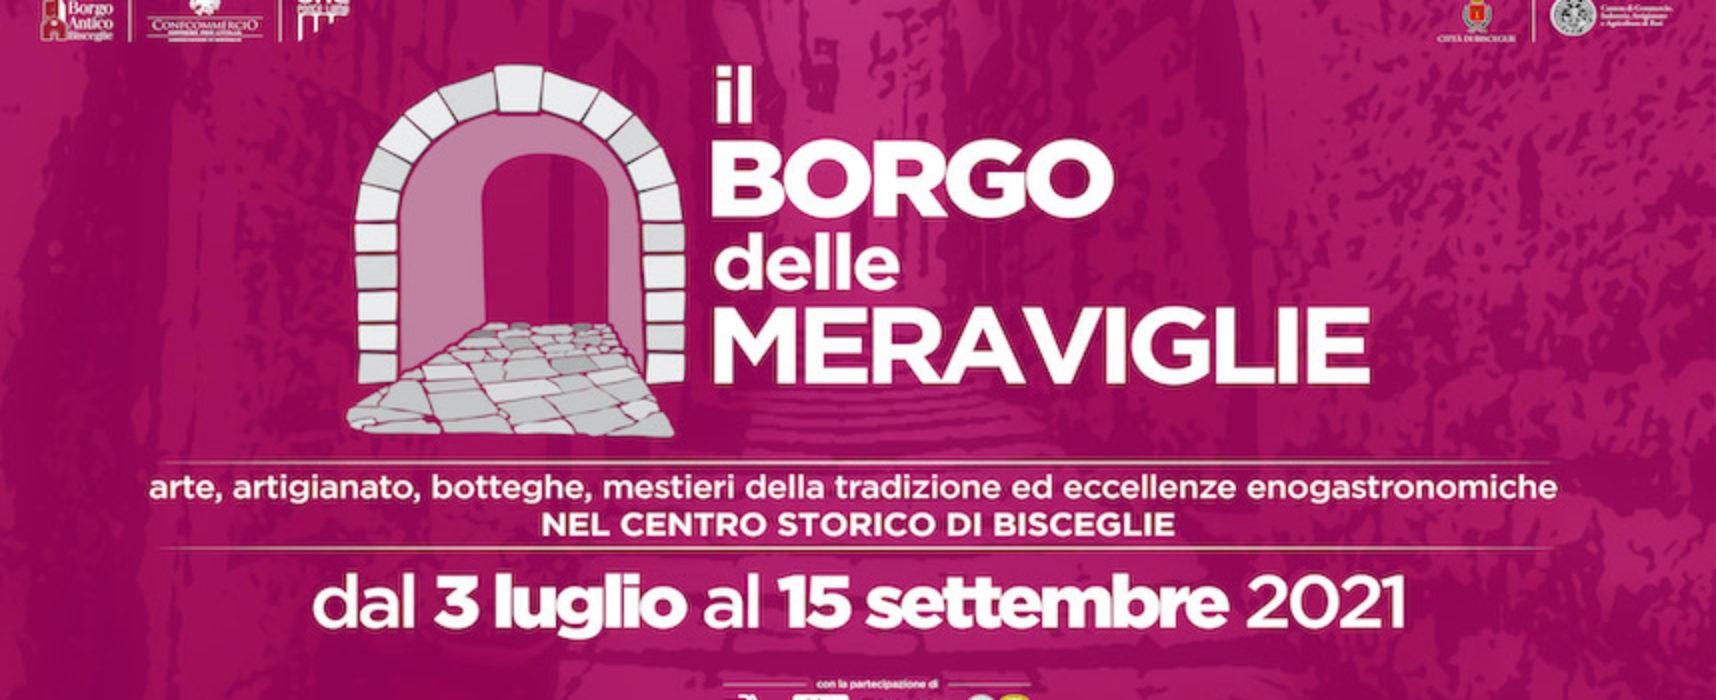 """Torna il """"Borgo delle Meraviglie"""": aperte le candidature per i locali nel centro storico"""